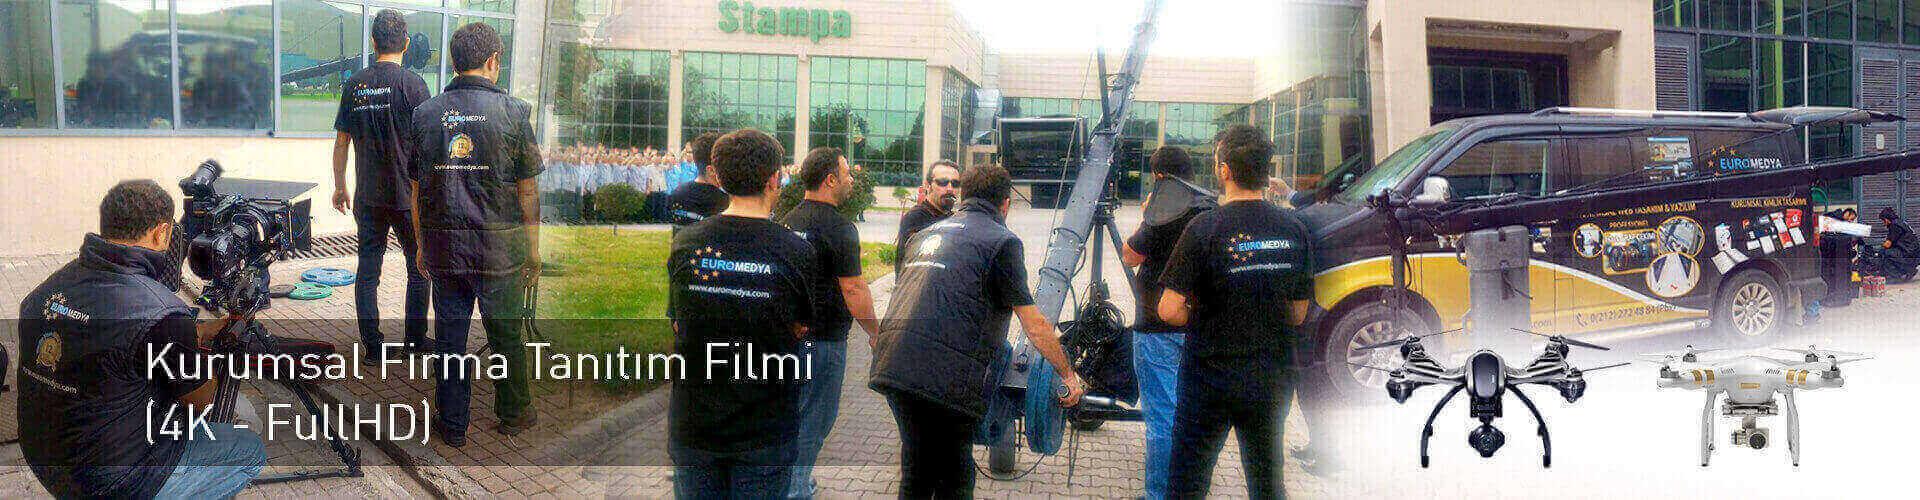 Kurumsal Firma Tanıtım Filmi 4K Full HD